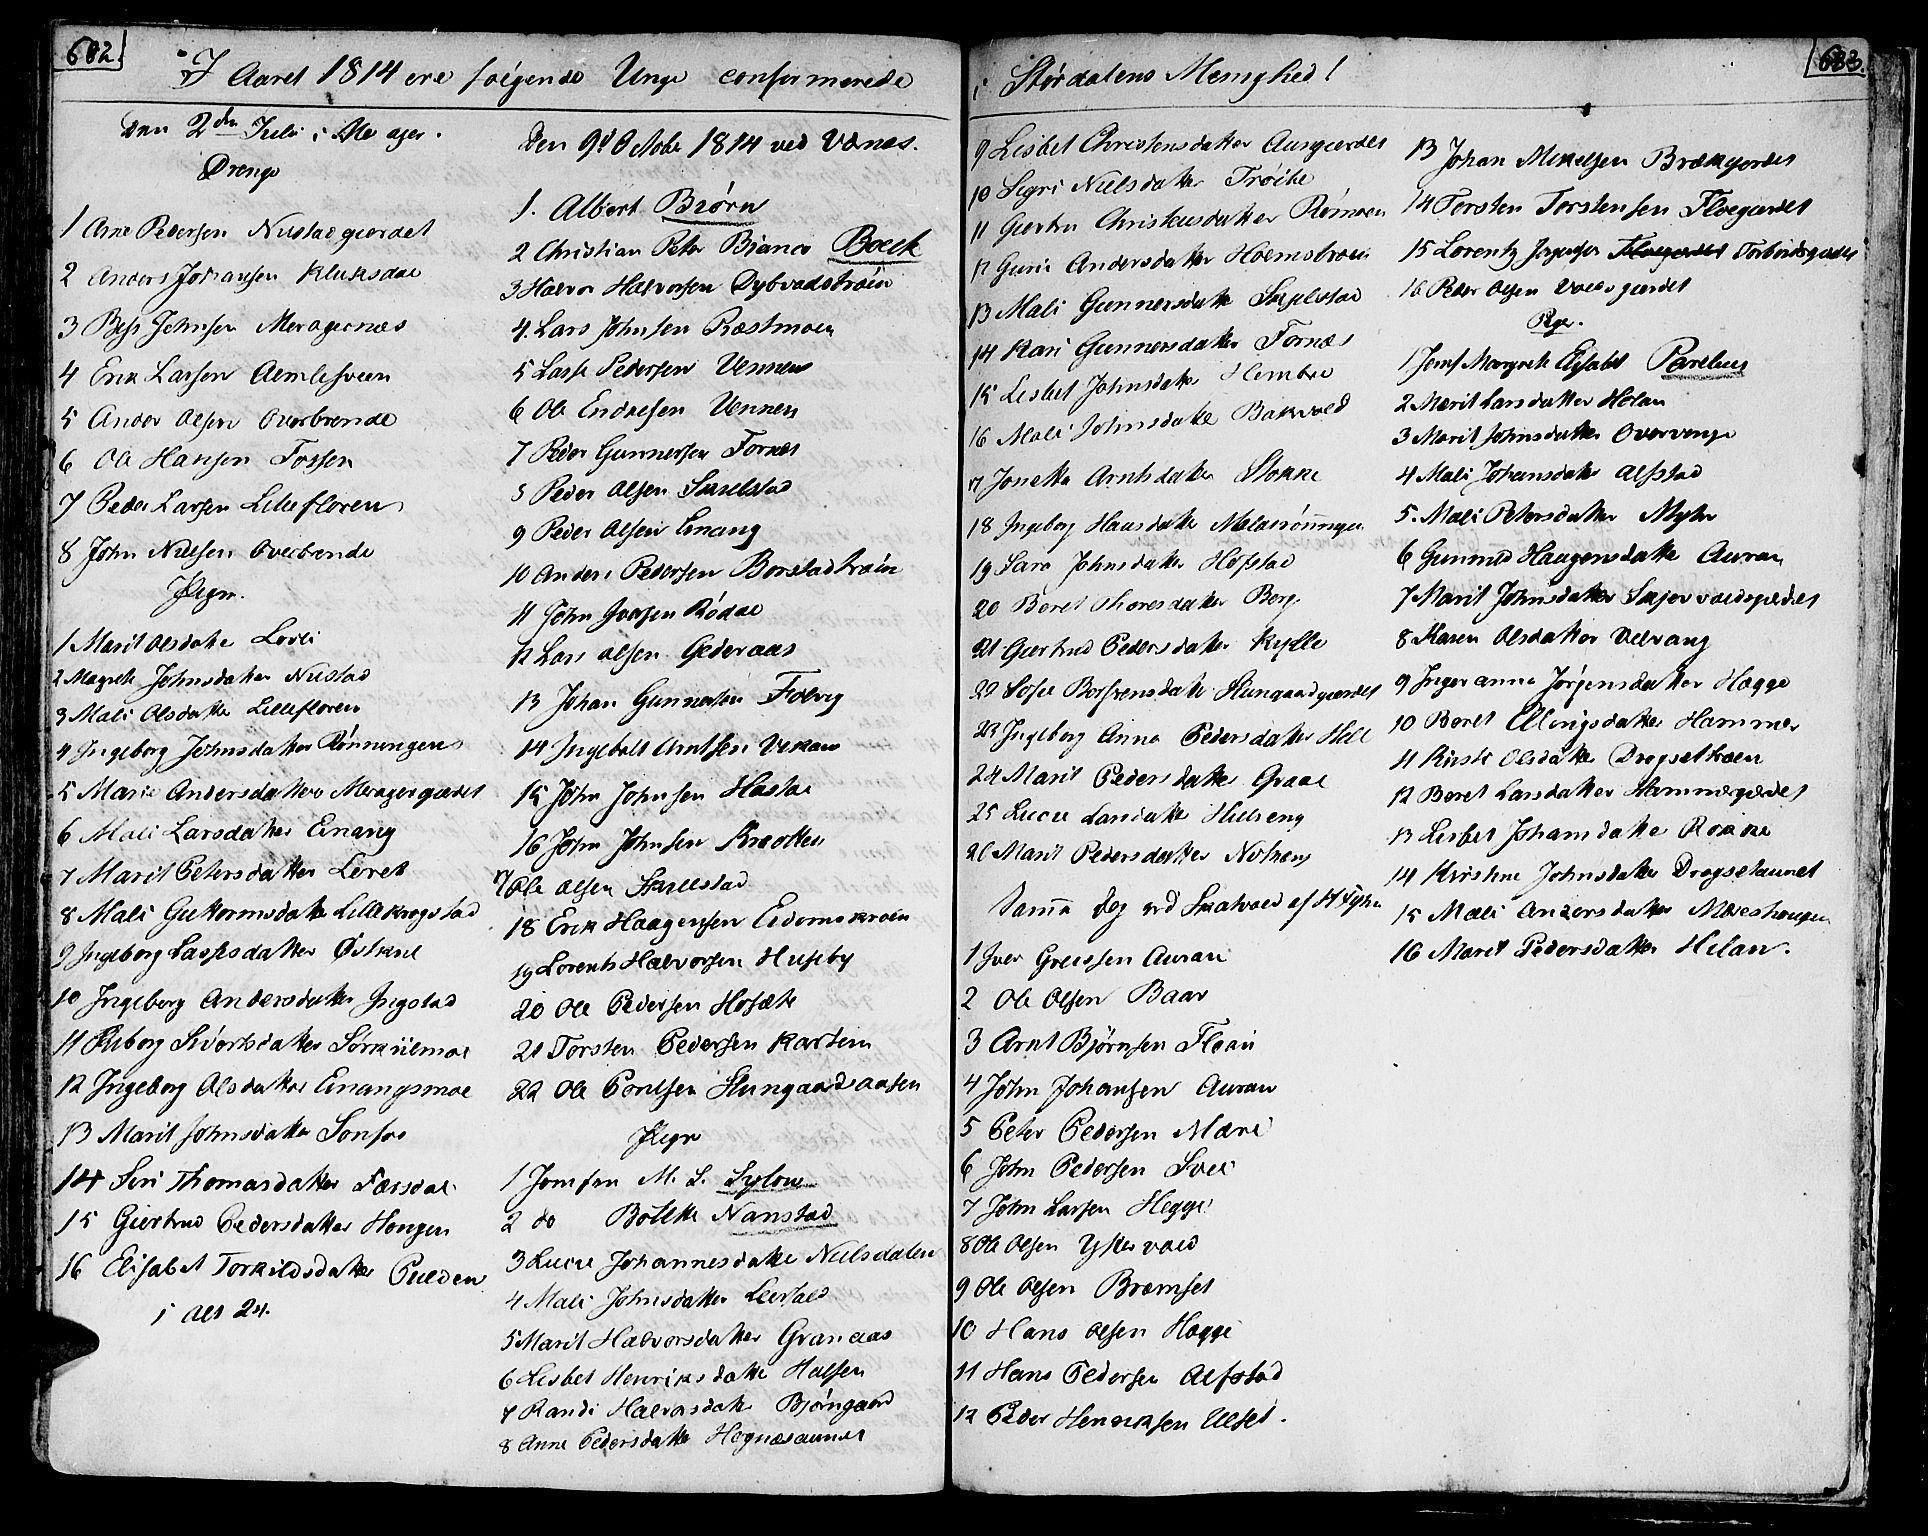 SAT, Ministerialprotokoller, klokkerbøker og fødselsregistre - Nord-Trøndelag, 709/L0060: Ministerialbok nr. 709A07, 1797-1815, s. 682-683